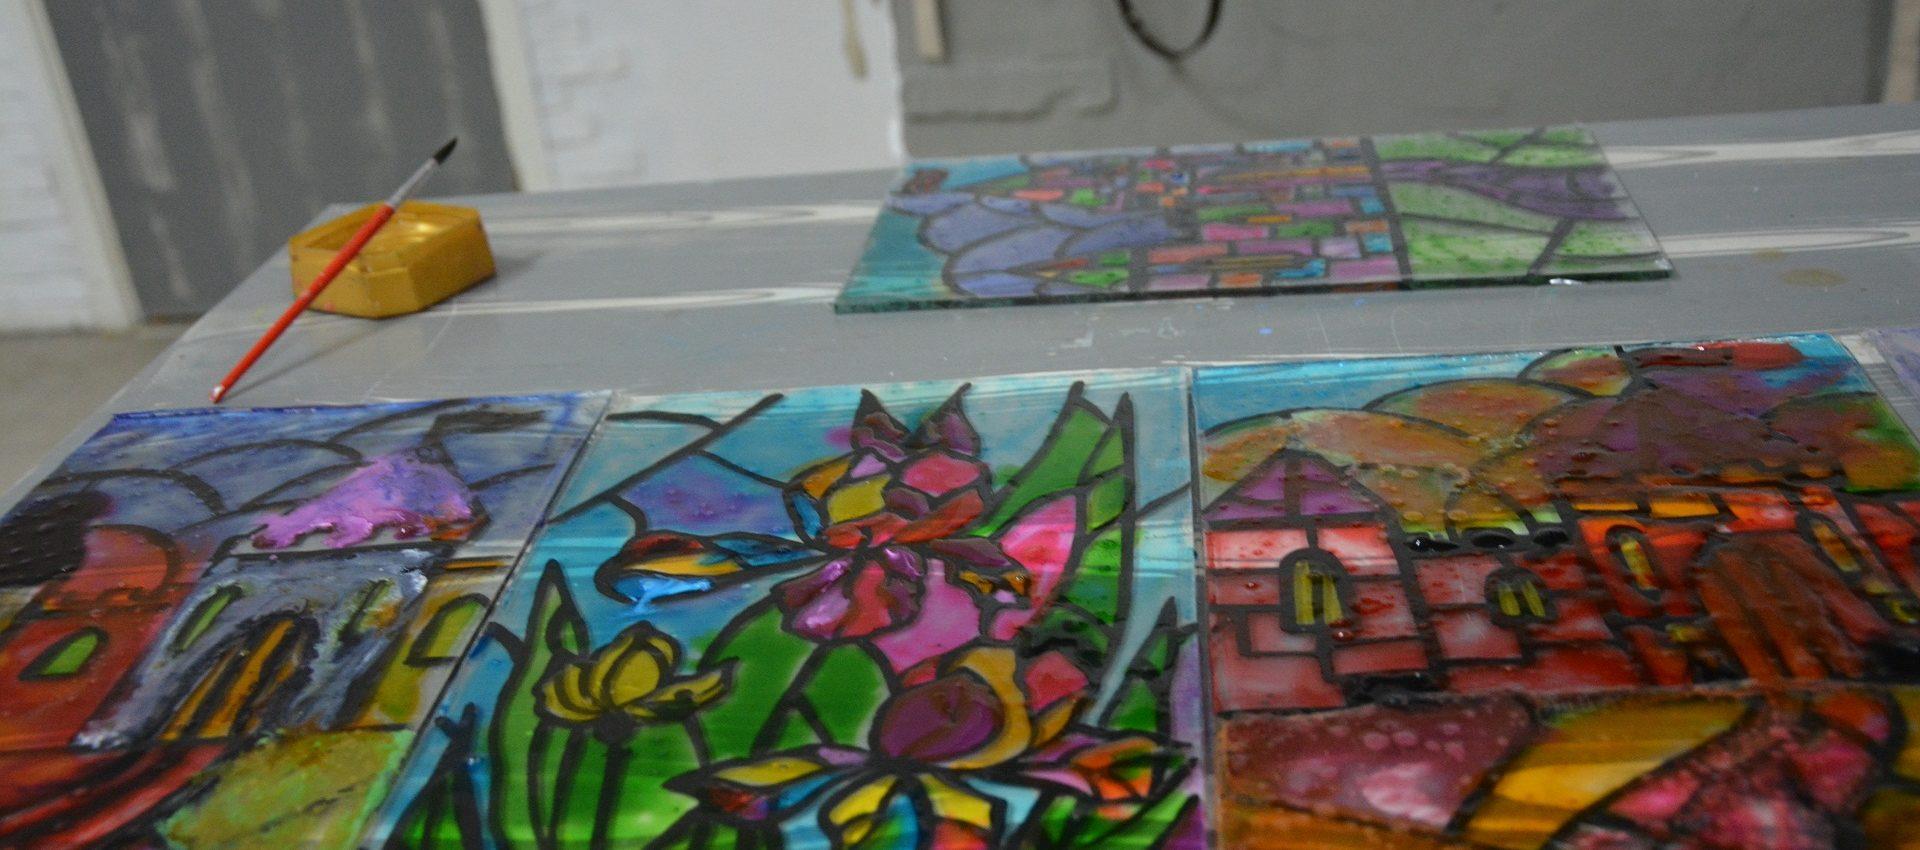 Відкрито набір на художні заняття з малювання для дітей та дорослих. На Вас чекає вивчення різноманітних технік, нивих відкритів та неймовірних вражень від навчання. Реєстрація за телефоном